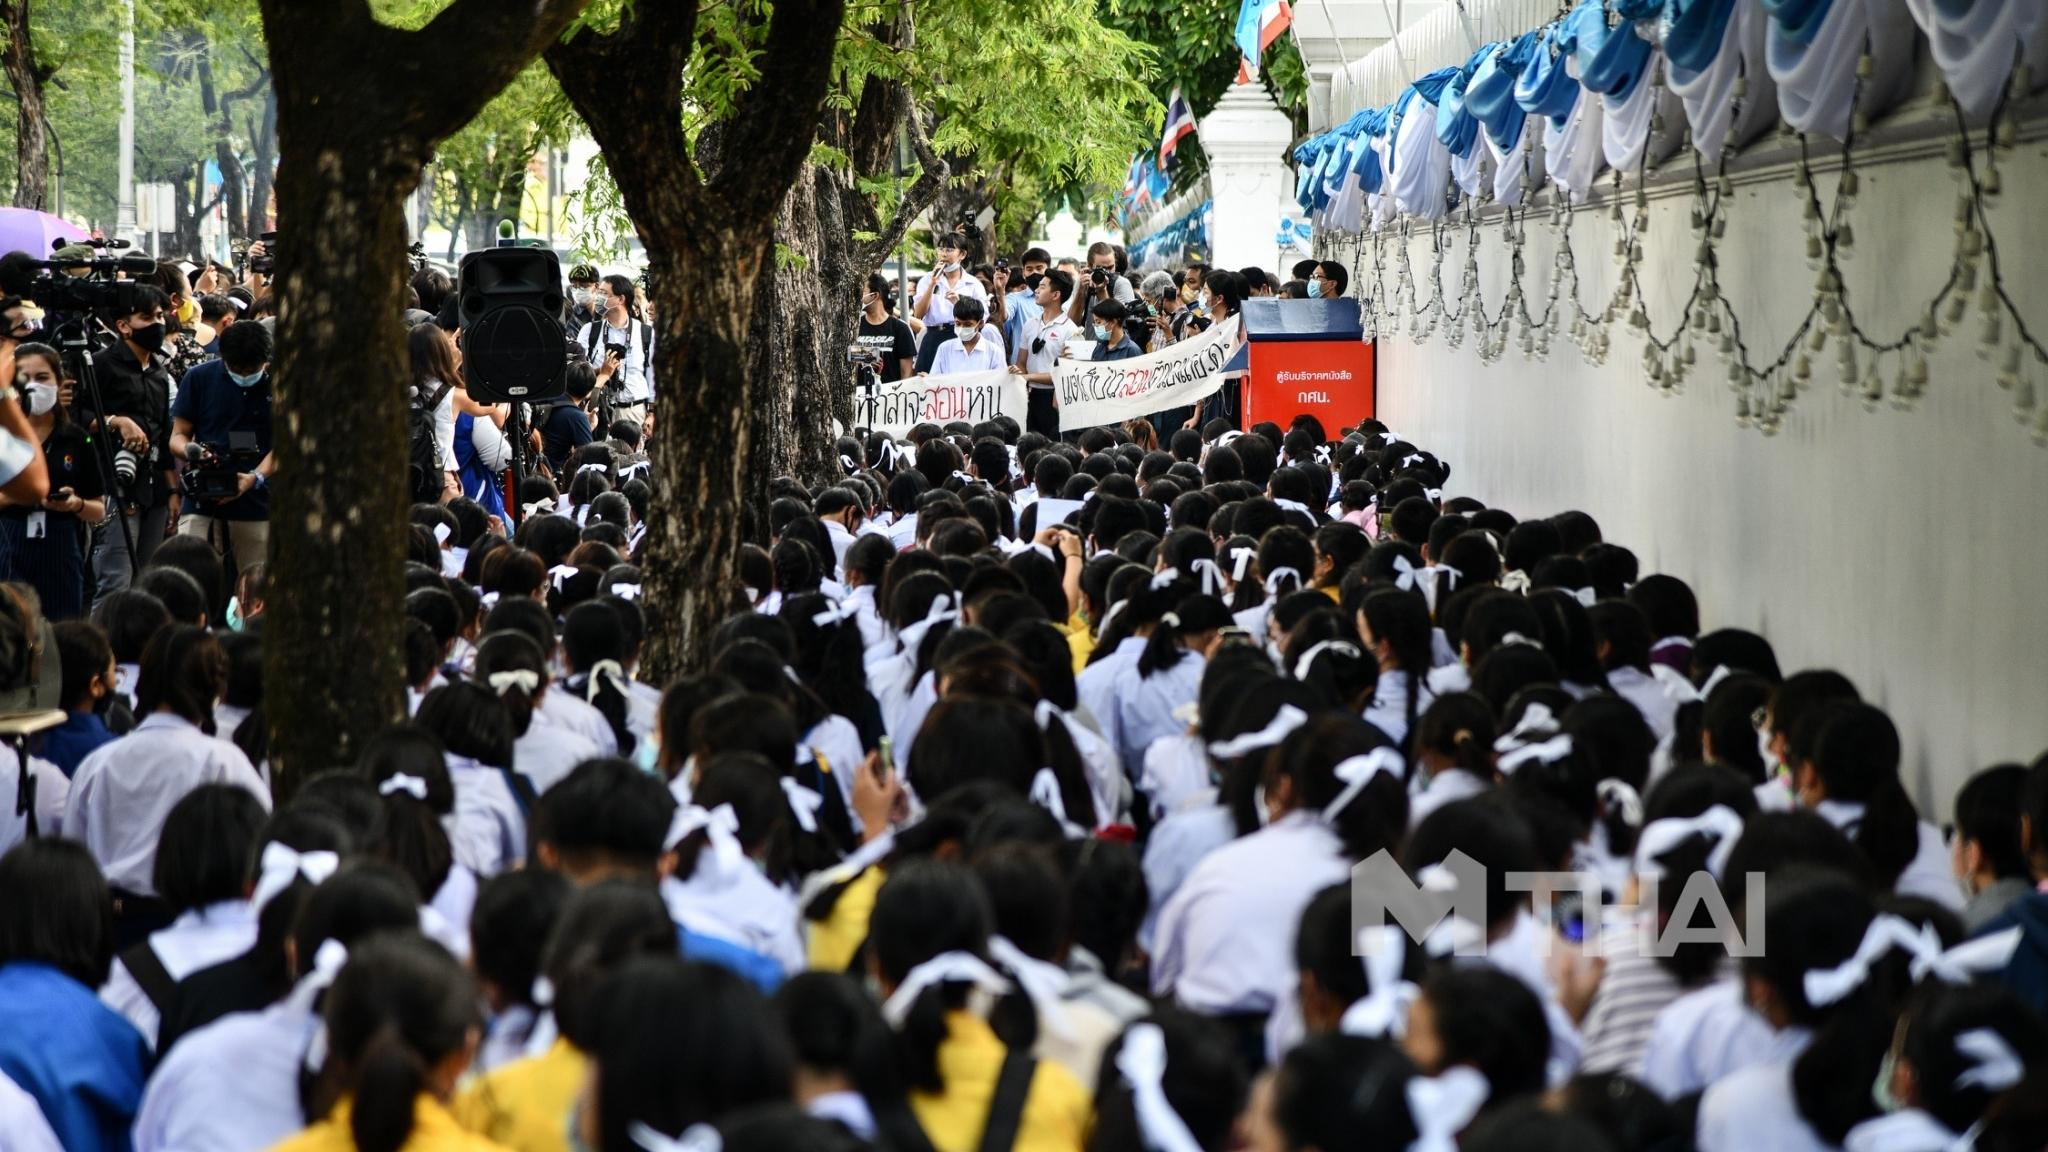 กลุ่มนักเรียนเลว ชูสามนิ้ว ผูกโบว์สีขาว